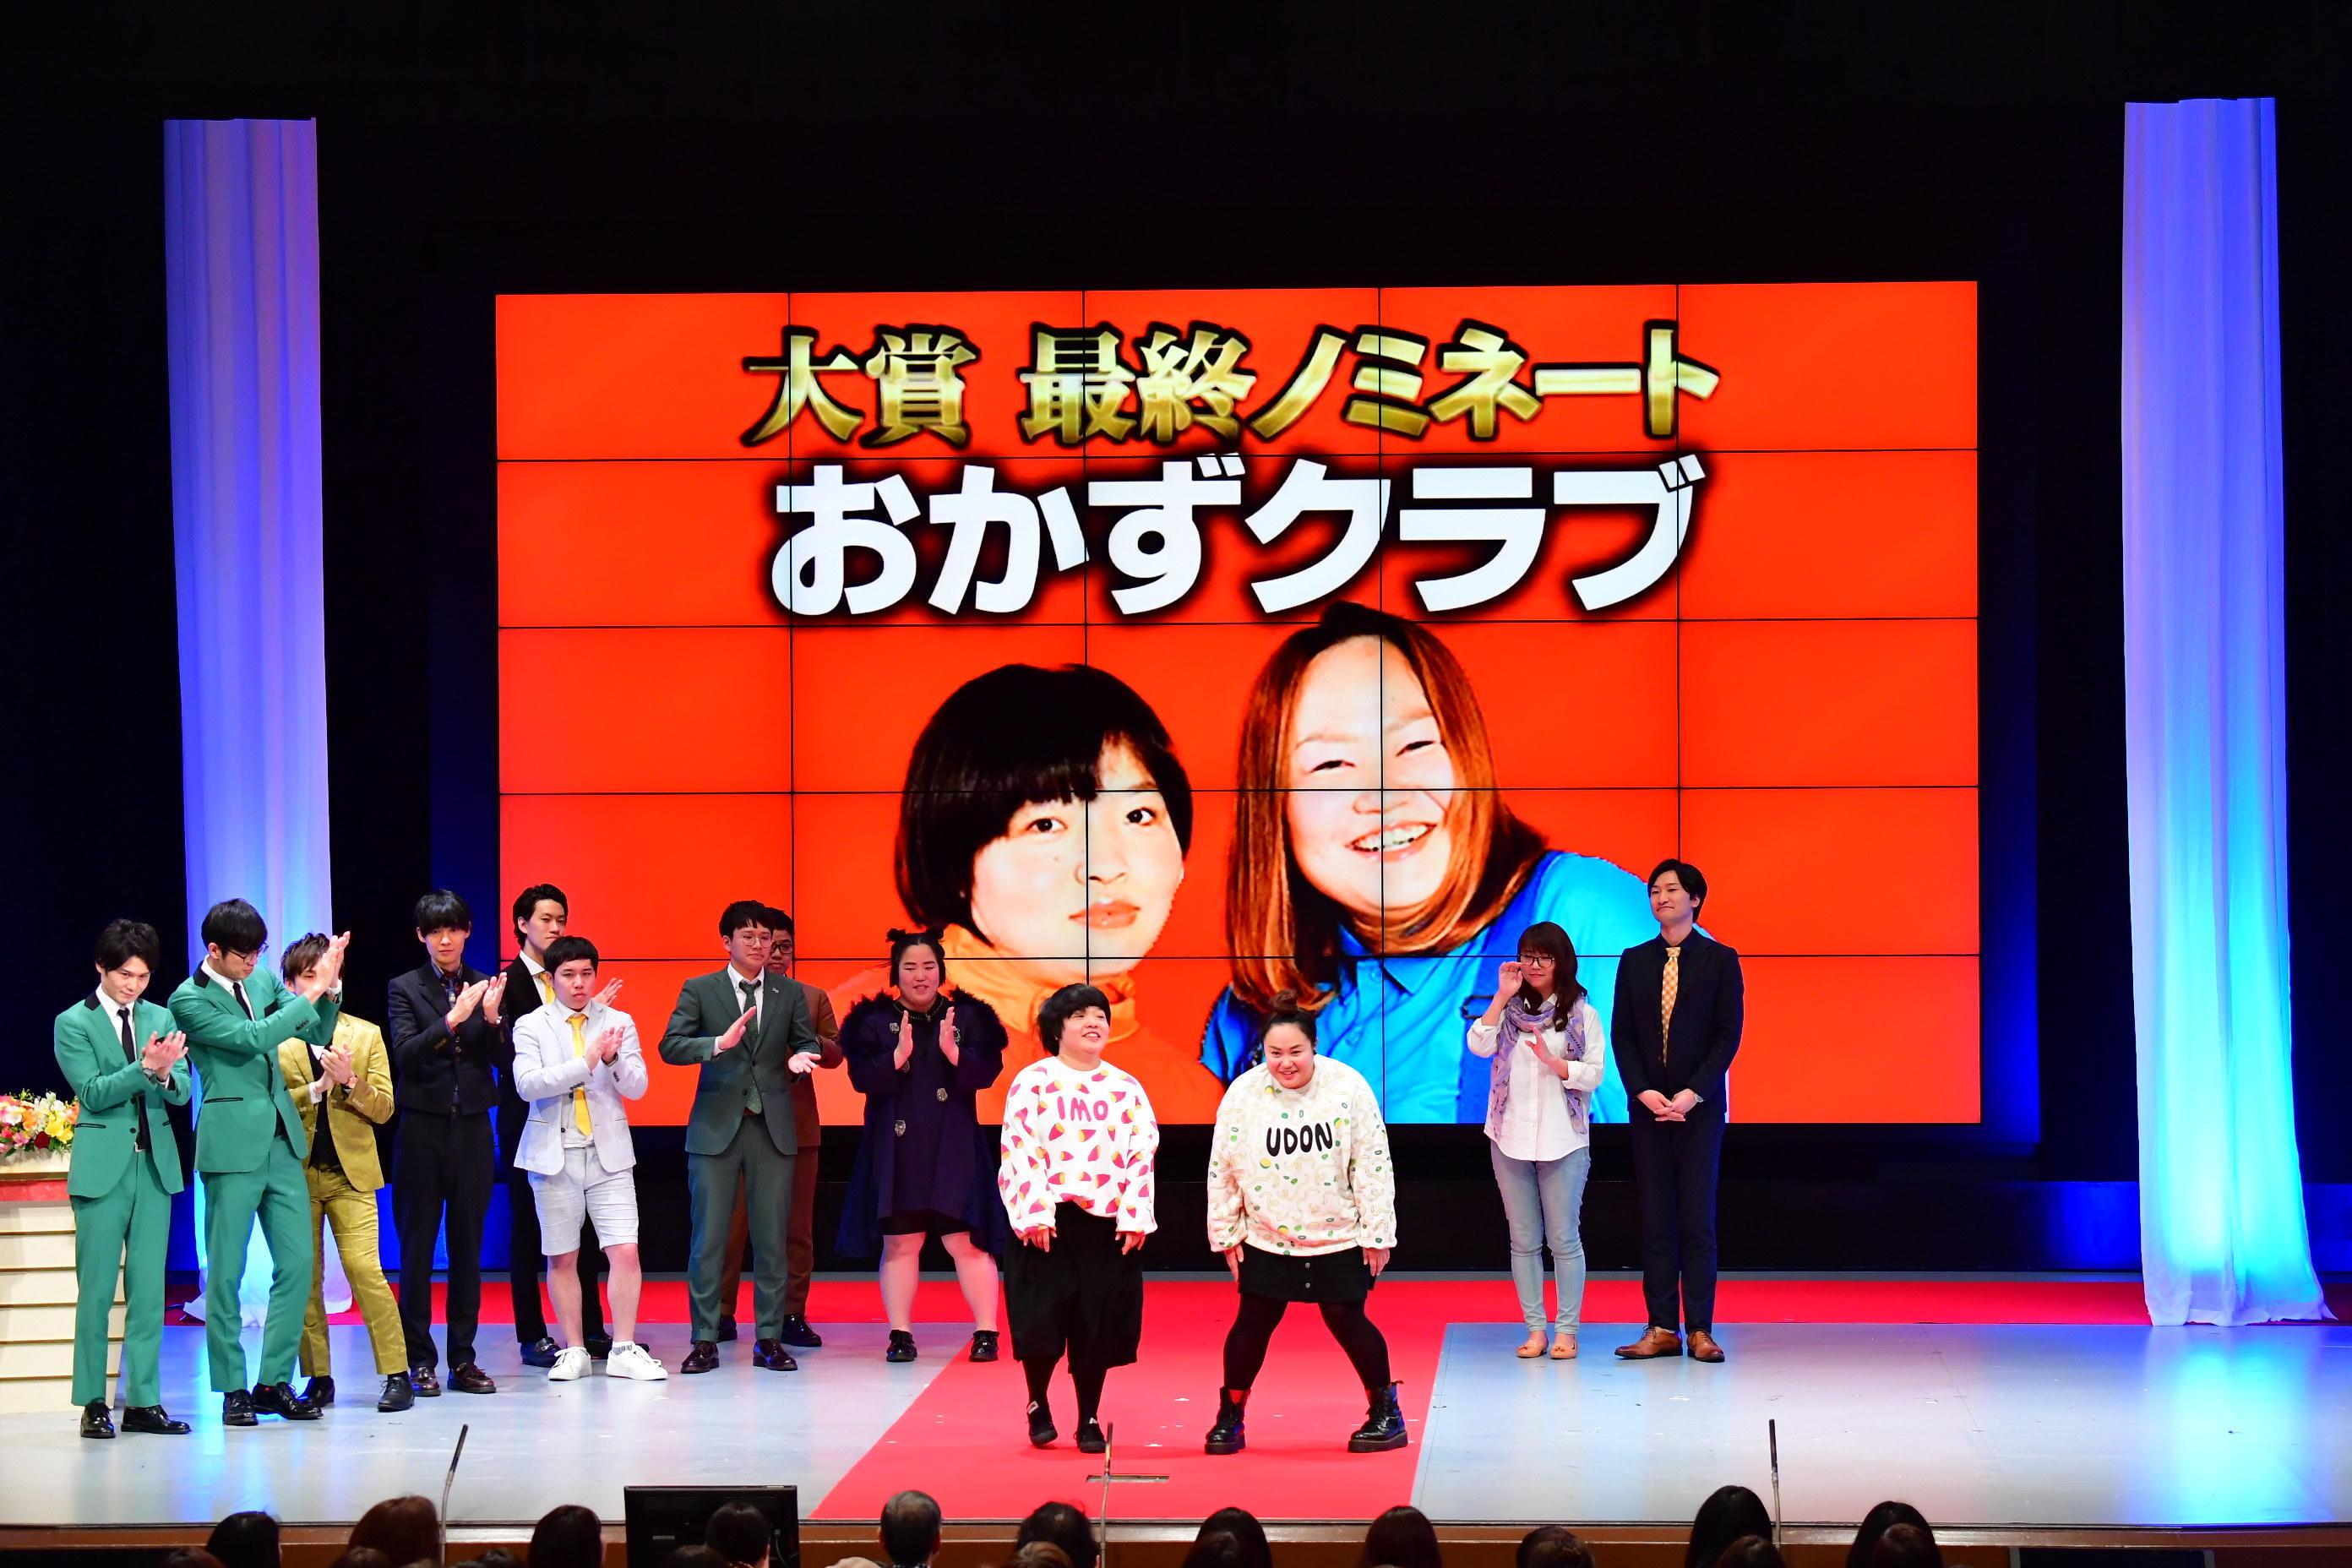 http://news.yoshimoto.co.jp/20180109020340-9a8a6c33f192db5e374f01ec7176168aa29da709.jpg